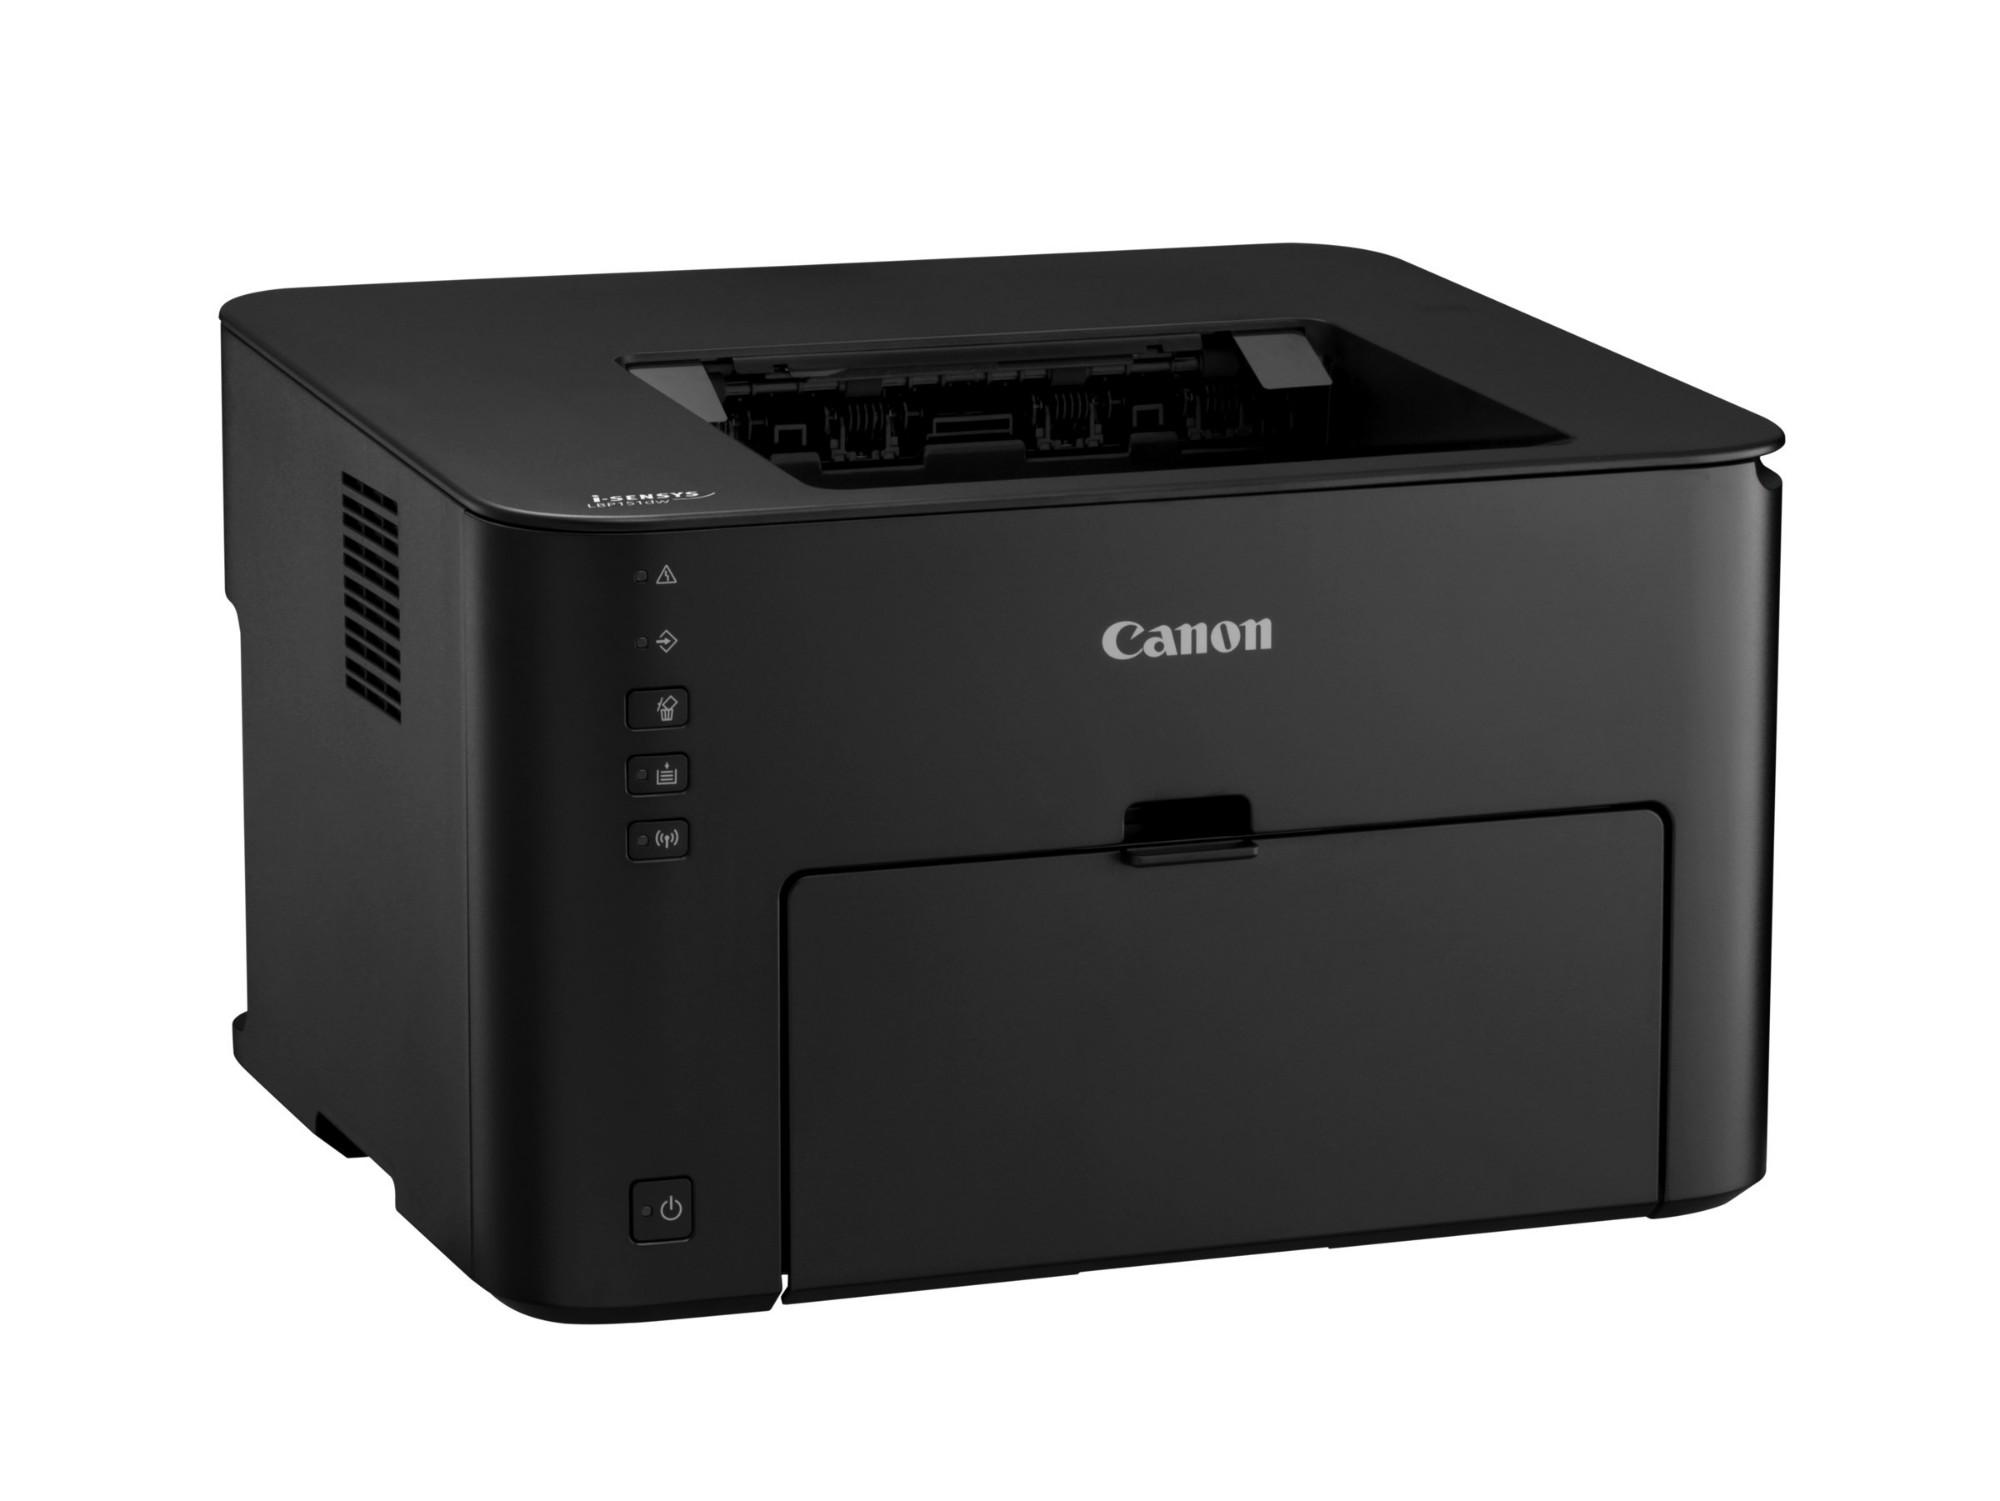 Canon i-SENSYS LBP151dw A4 Mono Laser Printer, 27ppm Mono, 1200 x 1200 dpi, 512MB Memory, 3 Years Warranty